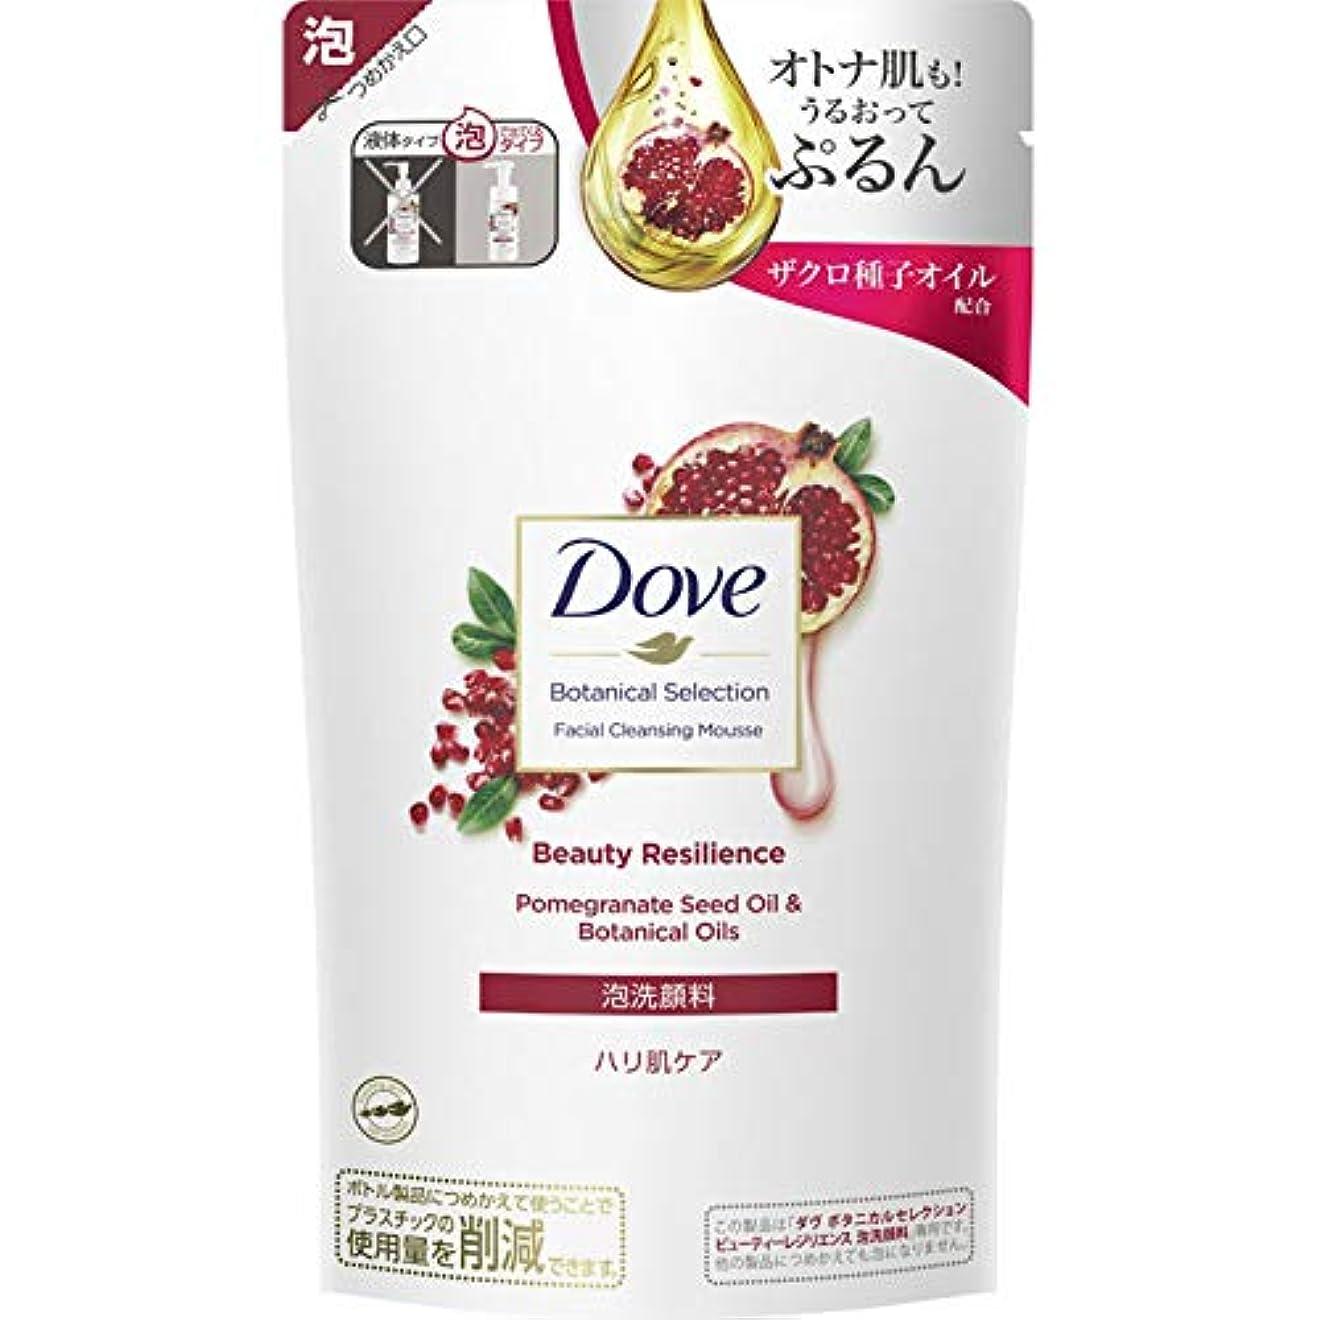 から調子谷【5個セット】ダヴ ボタニカルセレクション ビューティーレジリエンス 泡洗顔料 つめかえ用 135mL